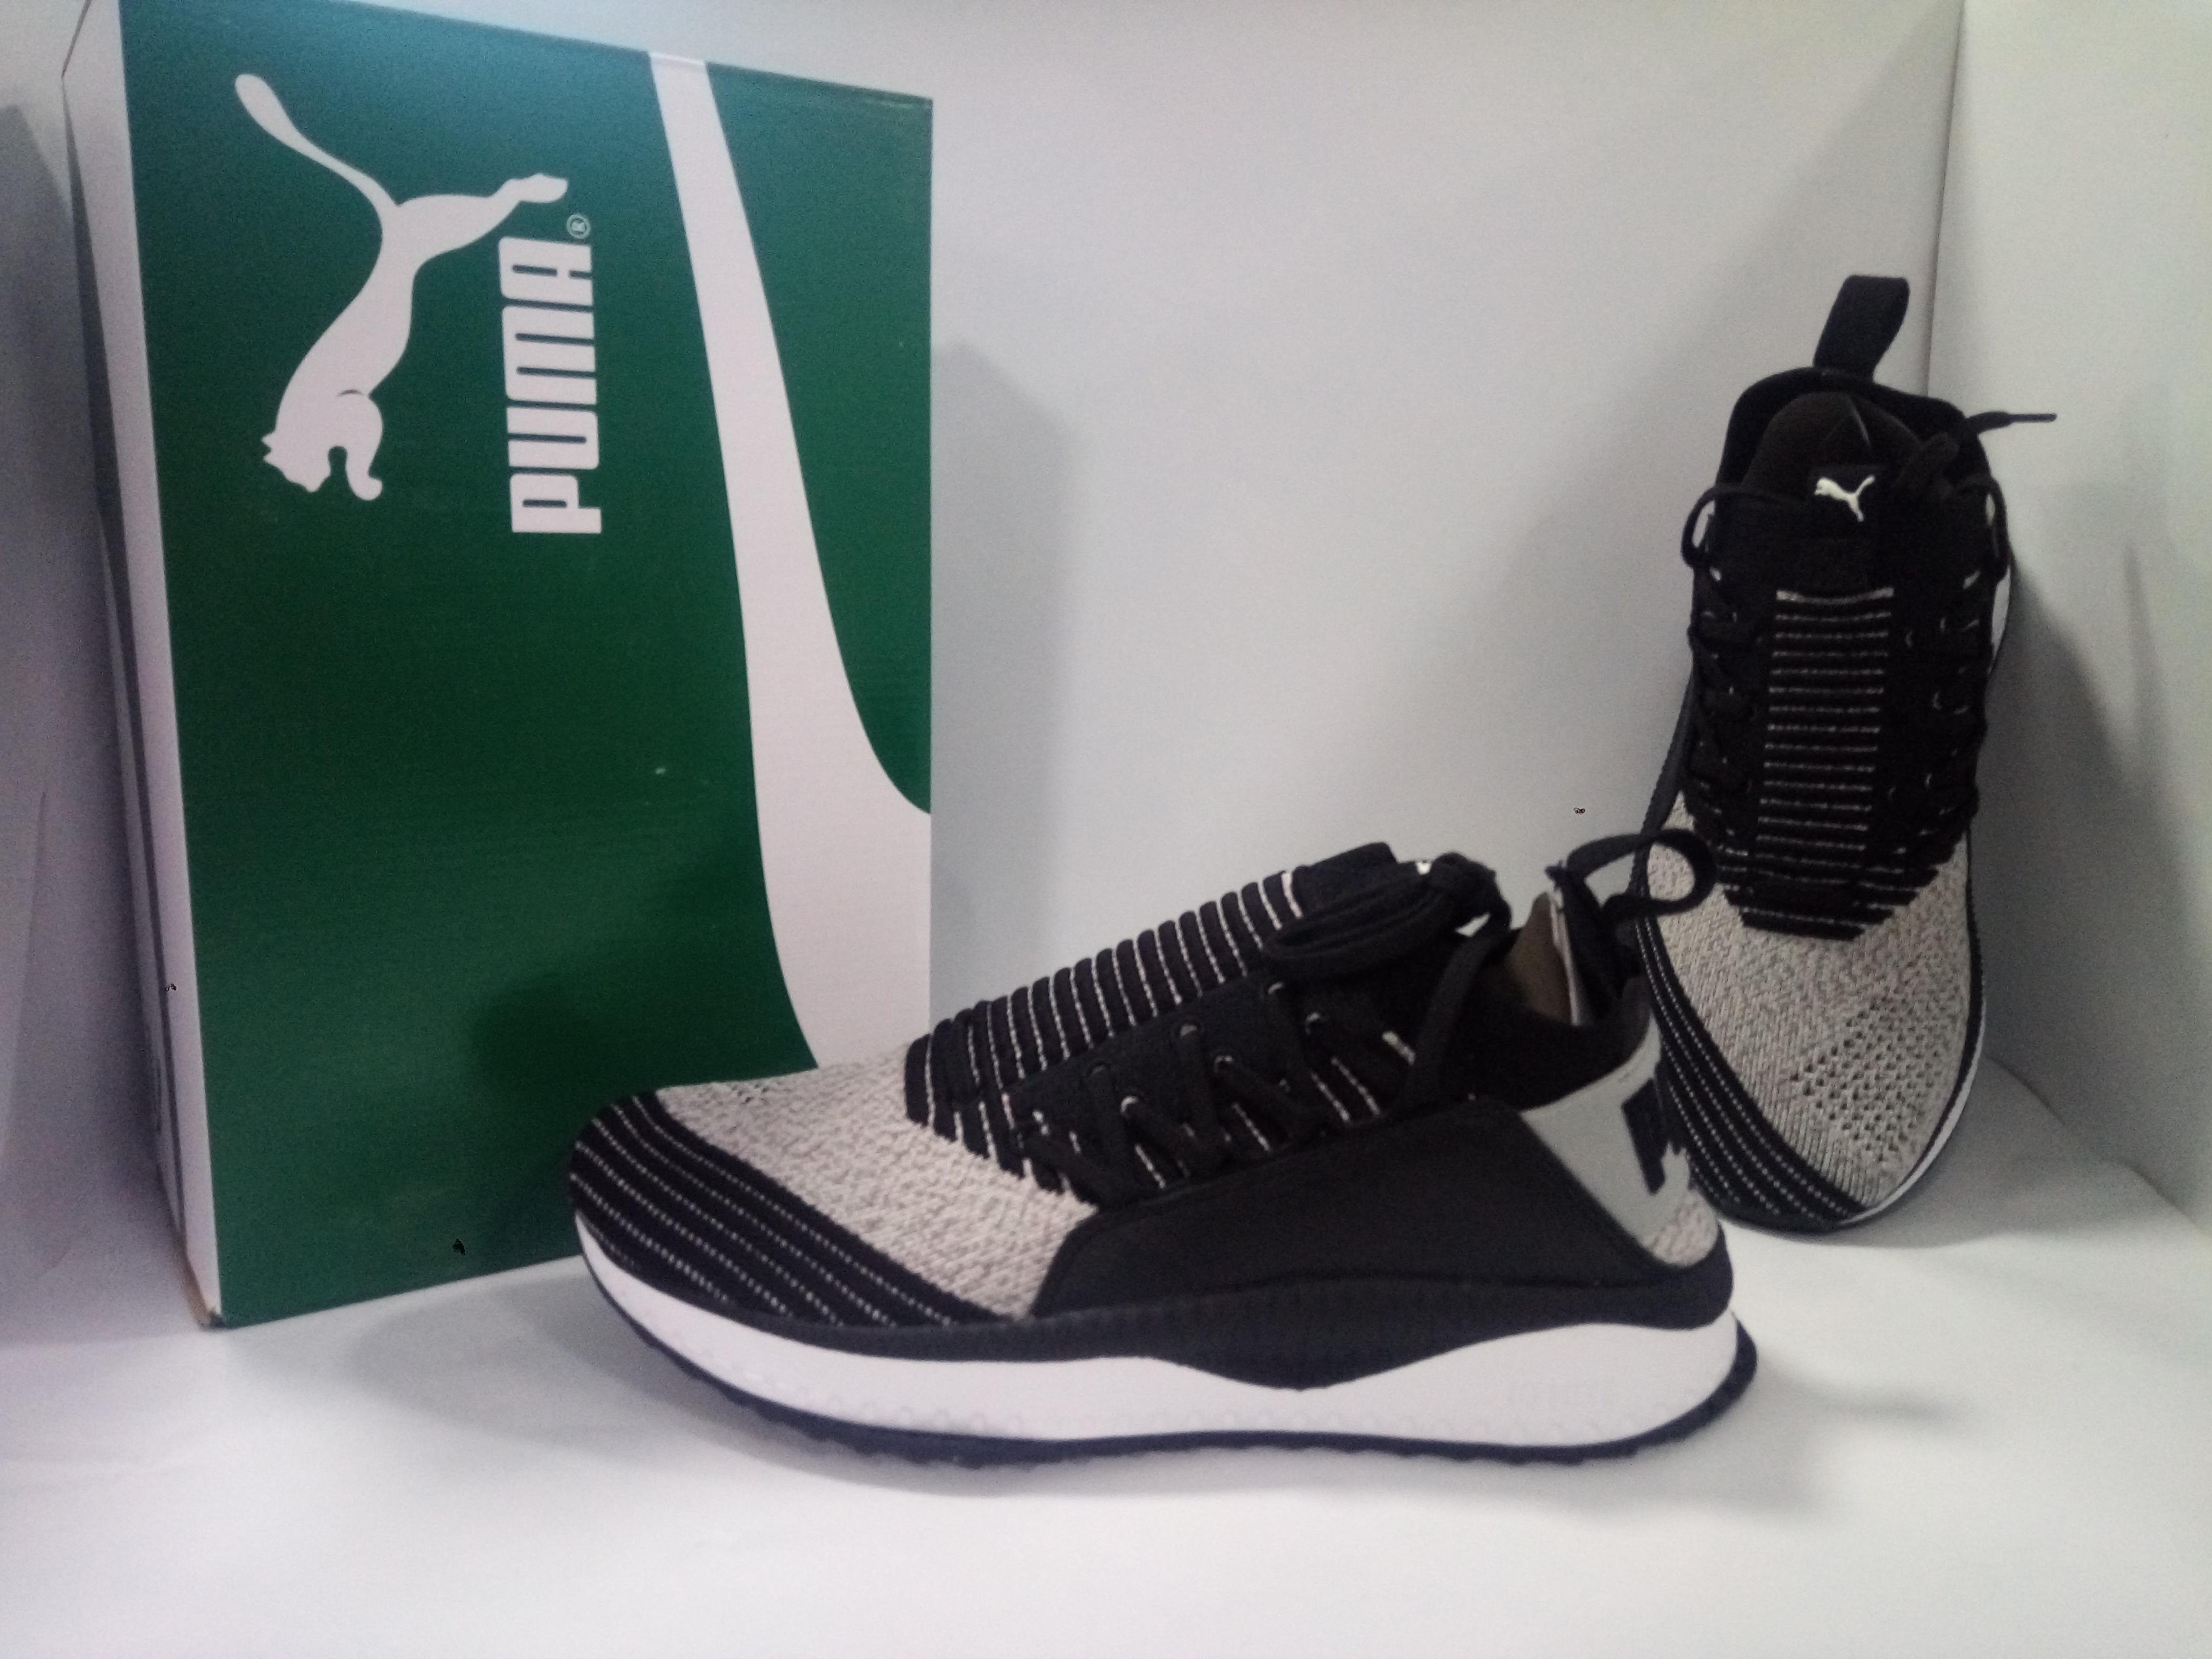 scarpe puma uomo tsugi jun